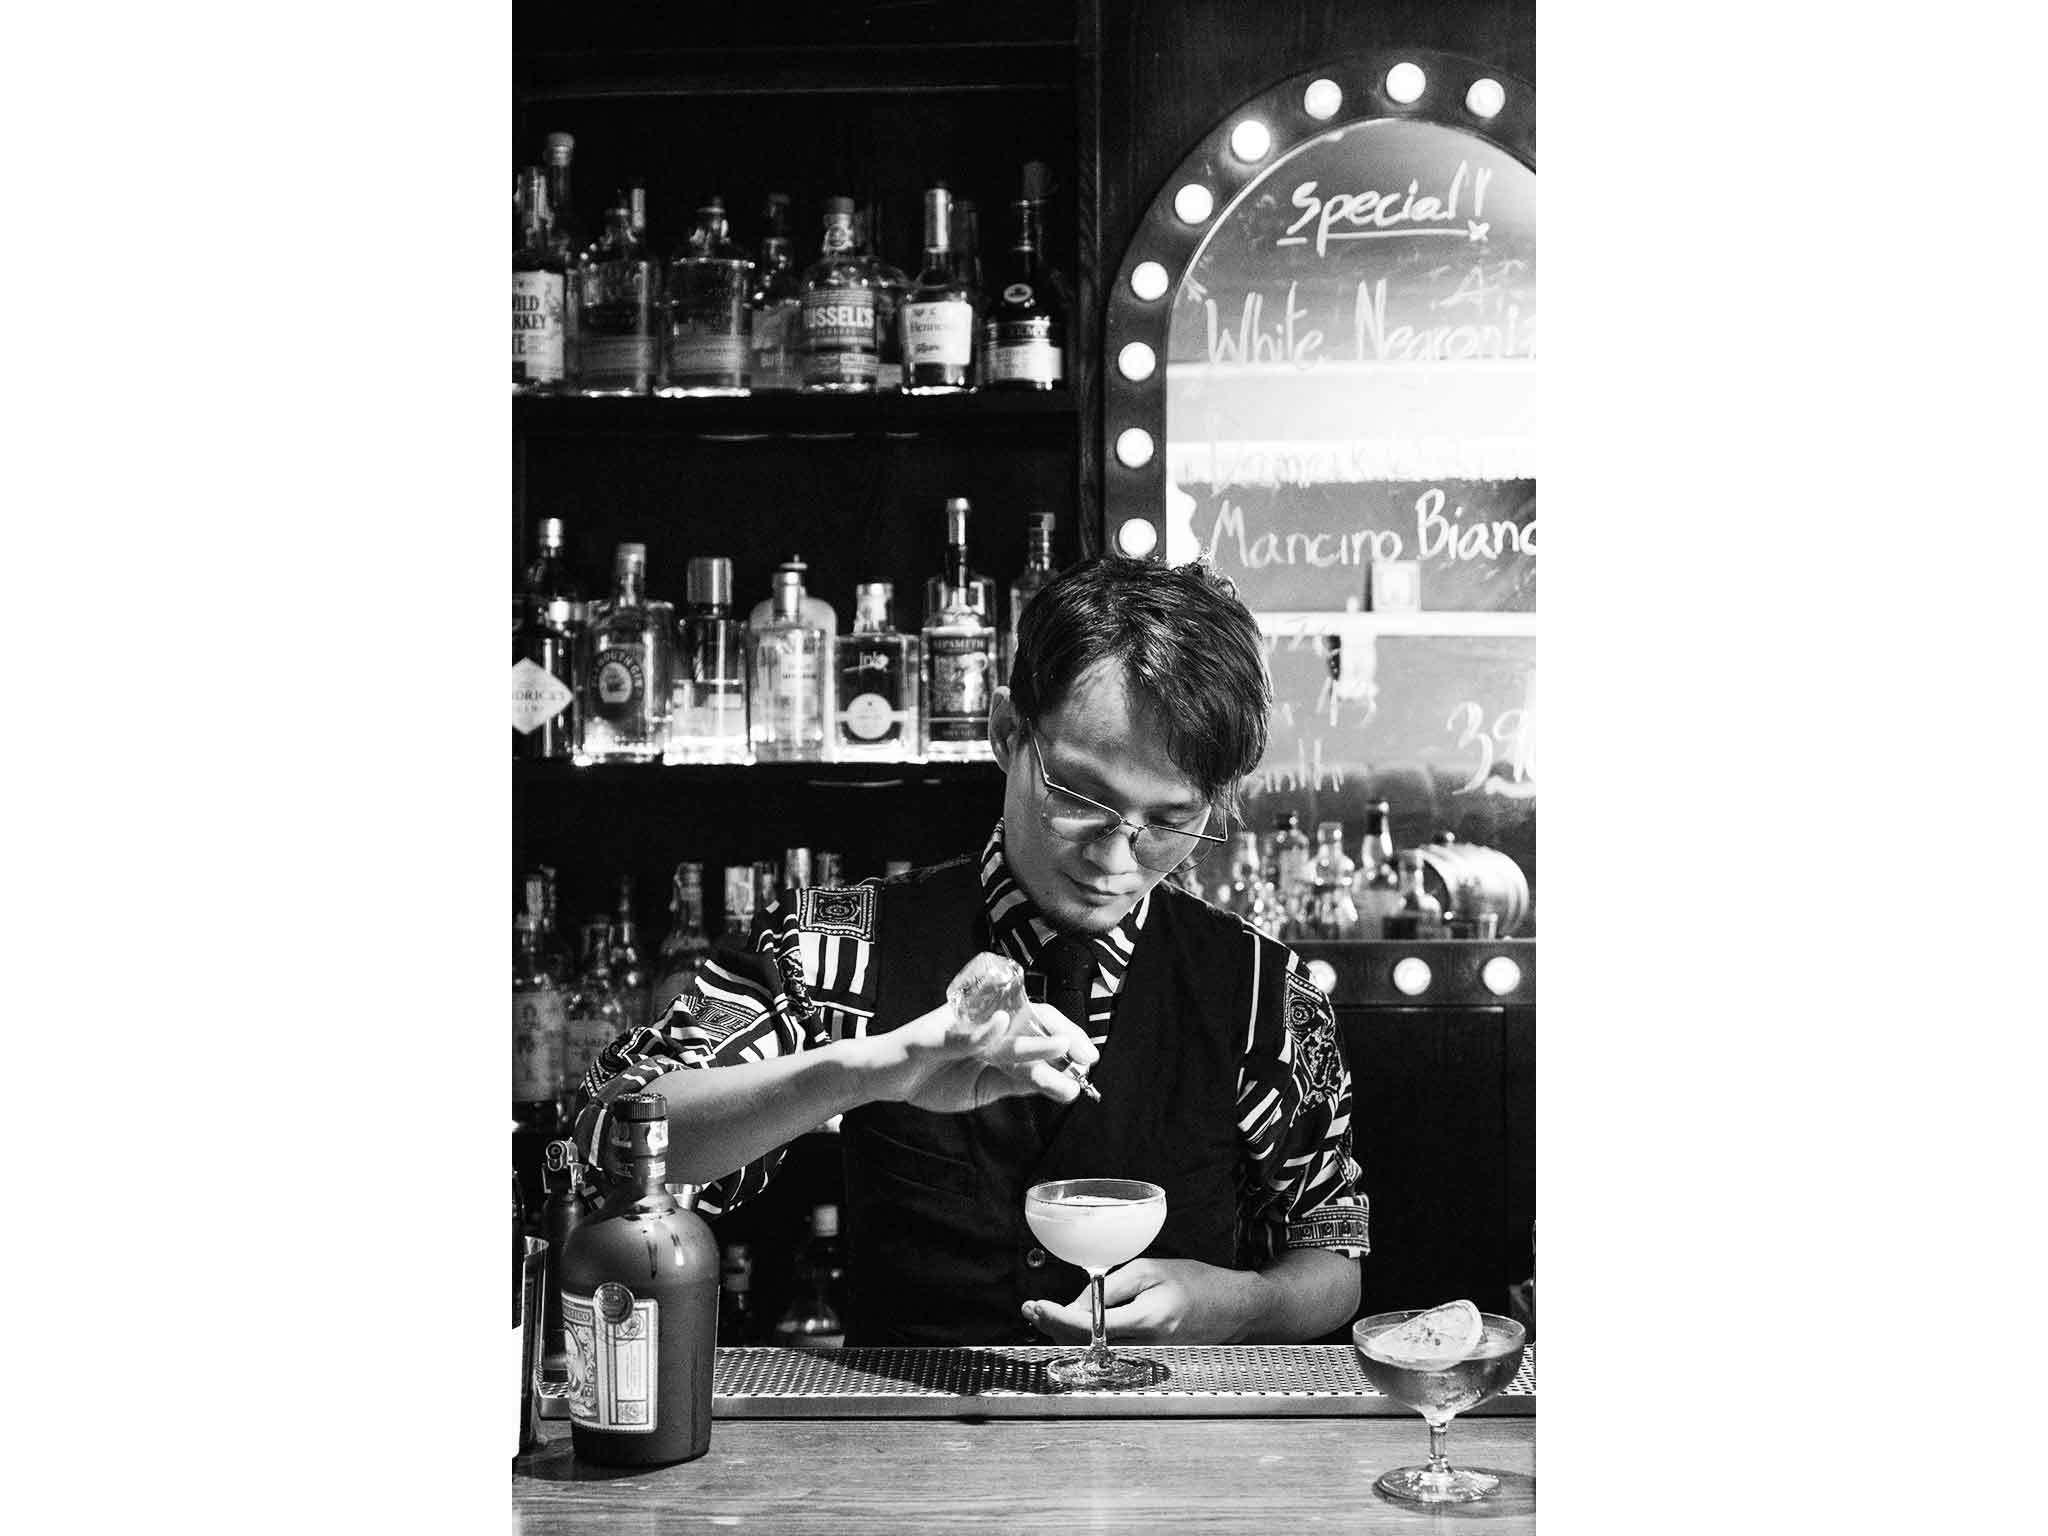 Kitibordee Chortubtim (Golf) a bartender at Backstage Cocktail Bar